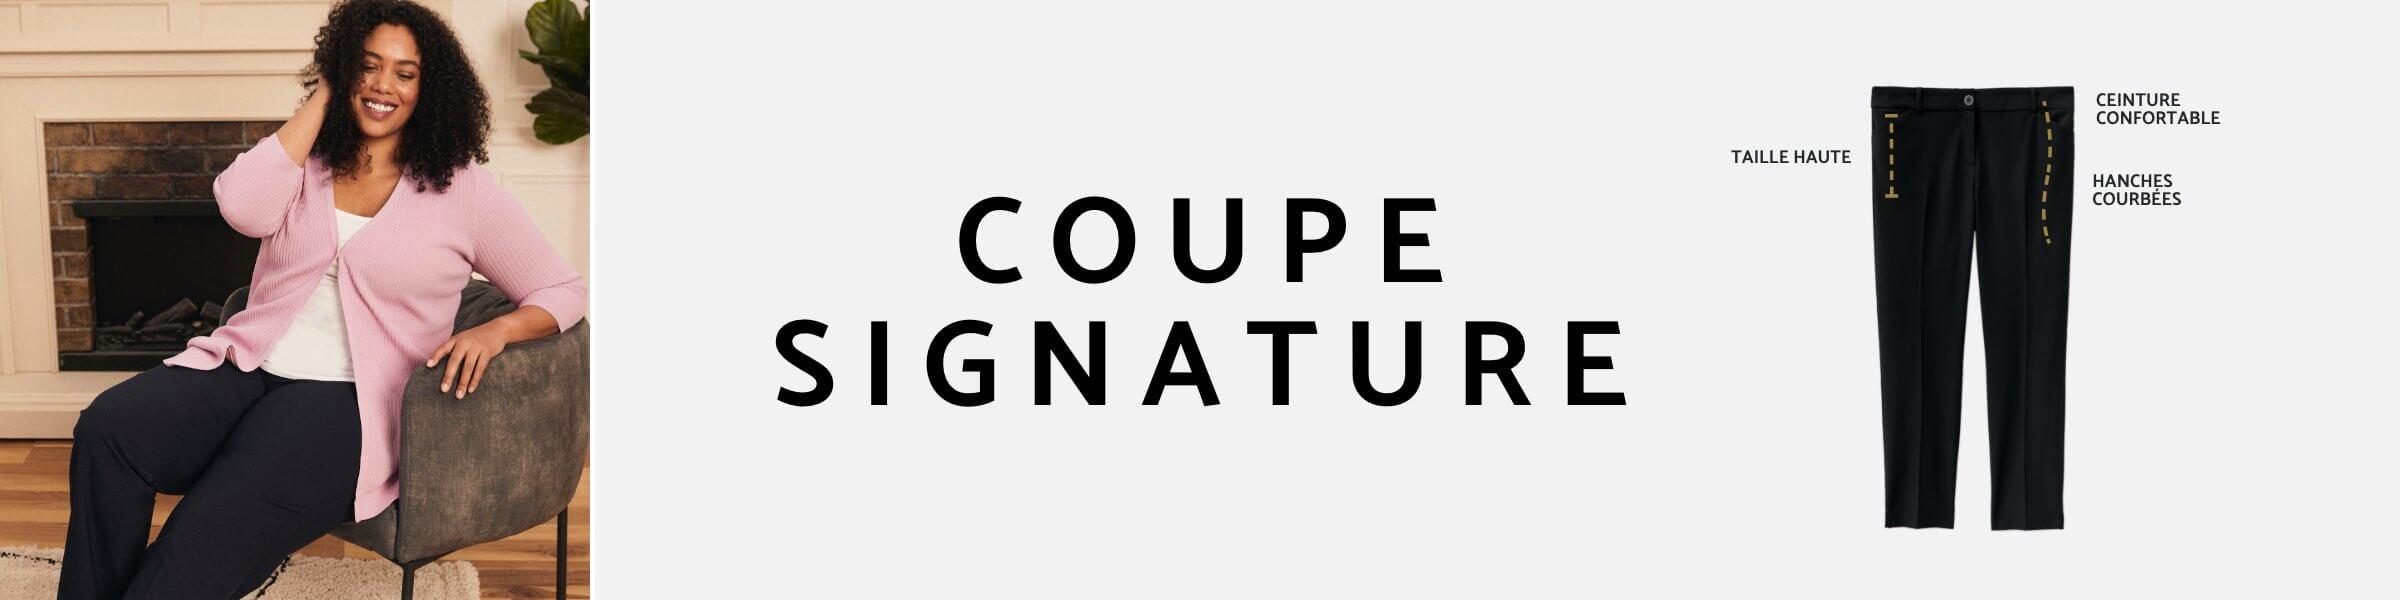 Laura - Plus - Coupe signature